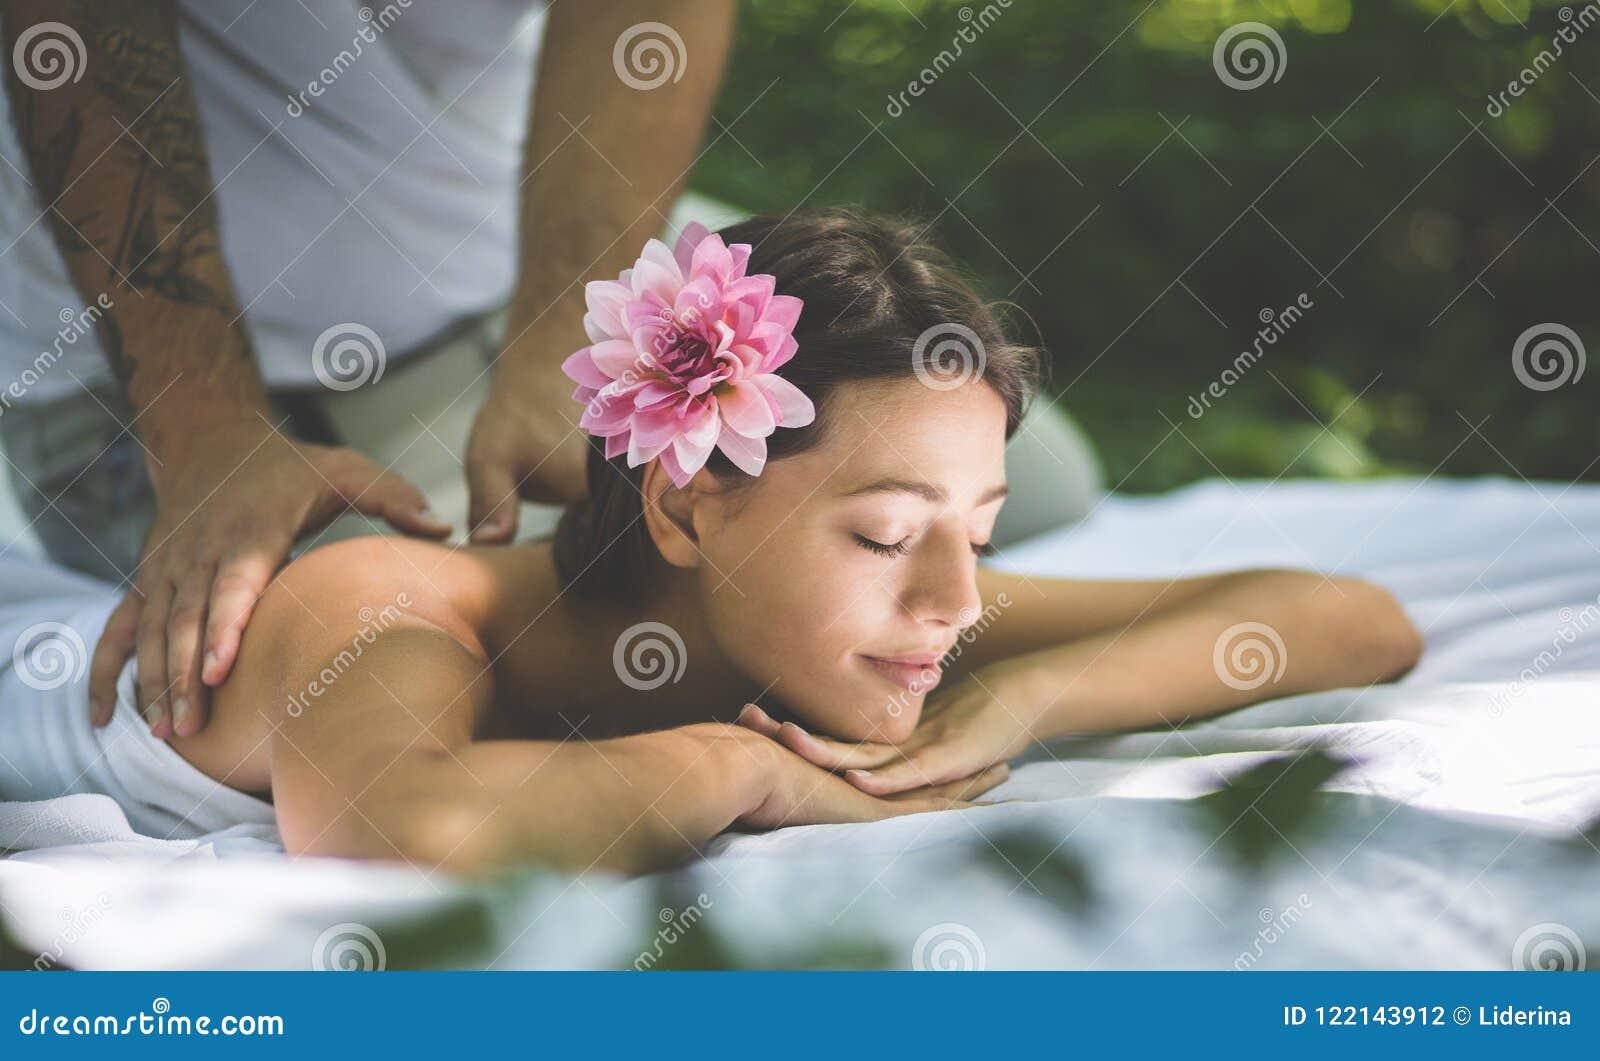 给妈妈按摩好了就狠狠女演员_图片 包括有 按摩, 休闲, 绿色, 白种人, 女演员, 女性 - 122143912